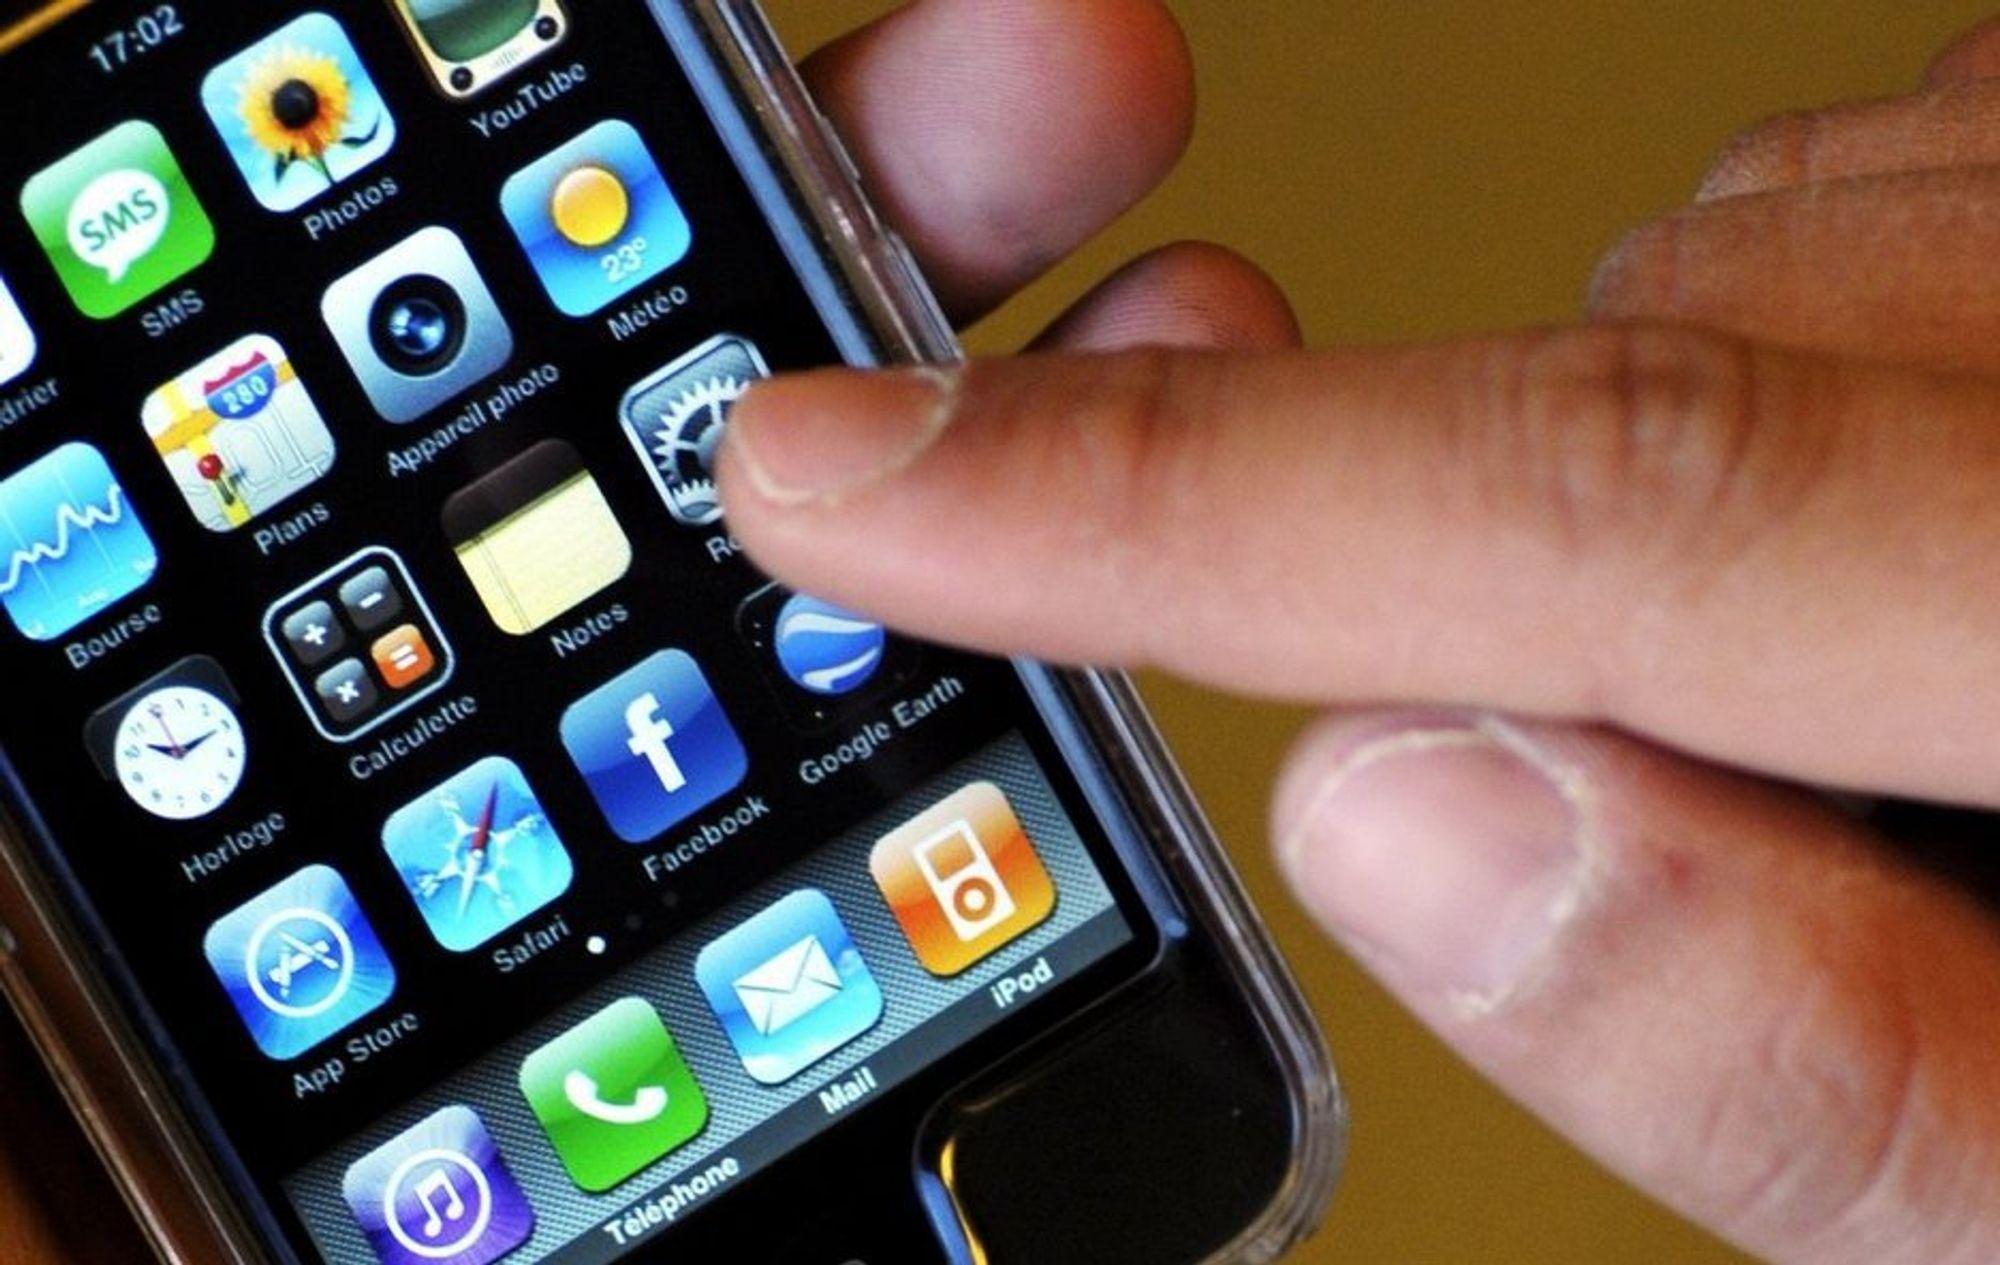 UTDATERT: Jussen har gjennom all nyere historie hengt etter den teknologiske utviklingen, noe  Datalagringsdirektivet og smarttelefoner som iPhone nå blir nok et eksempel på.